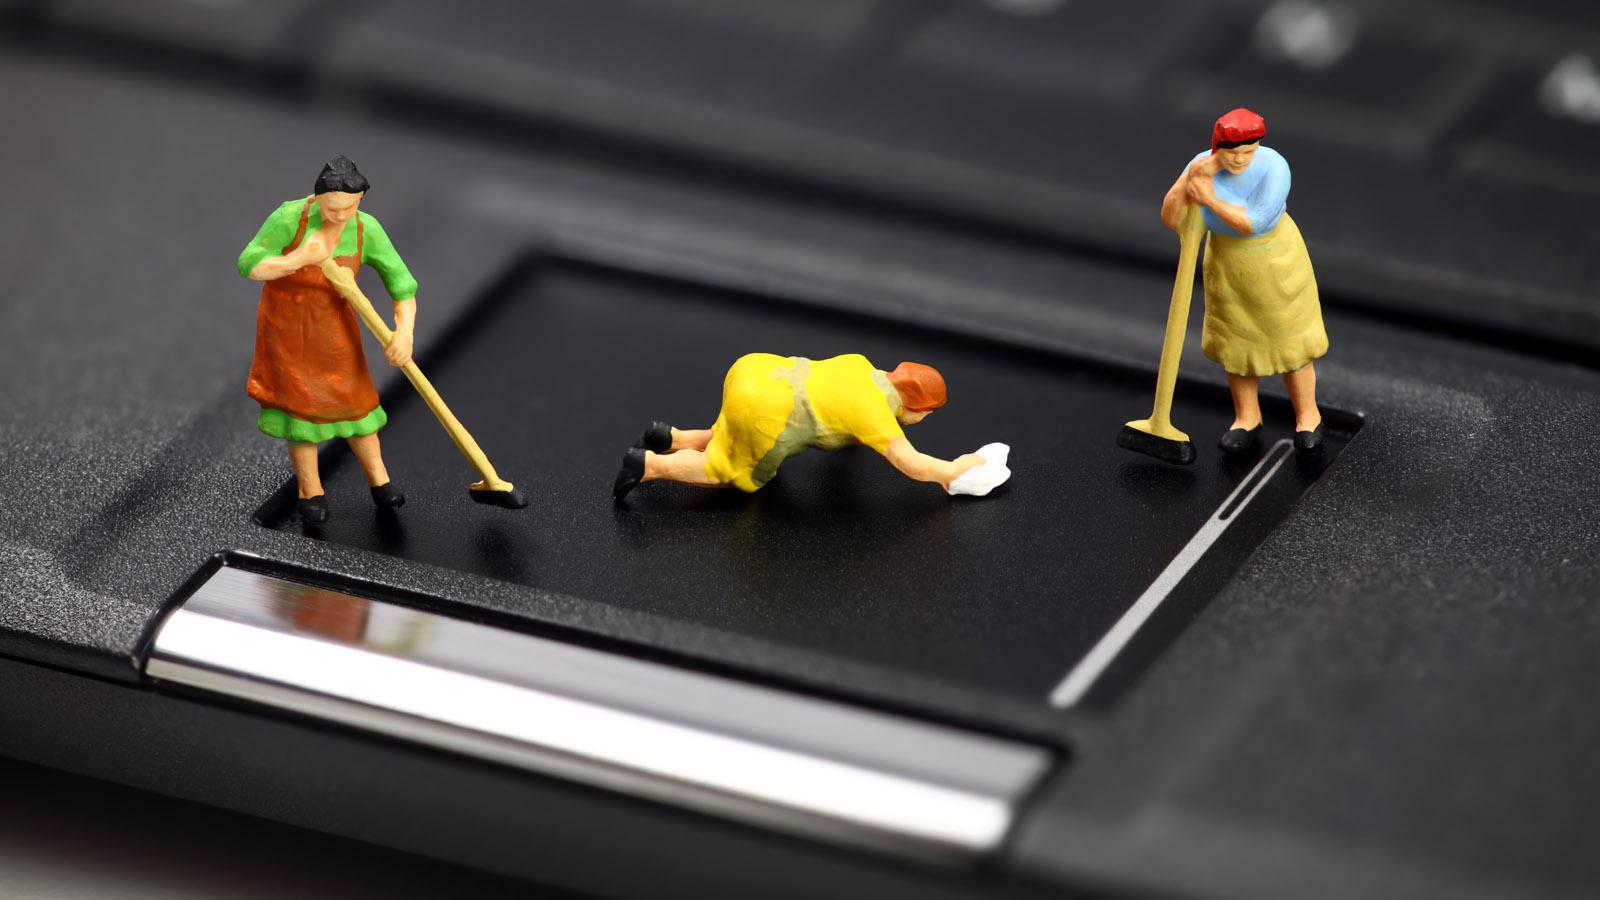 Kết quả hình ảnh cho bảo trì laptop